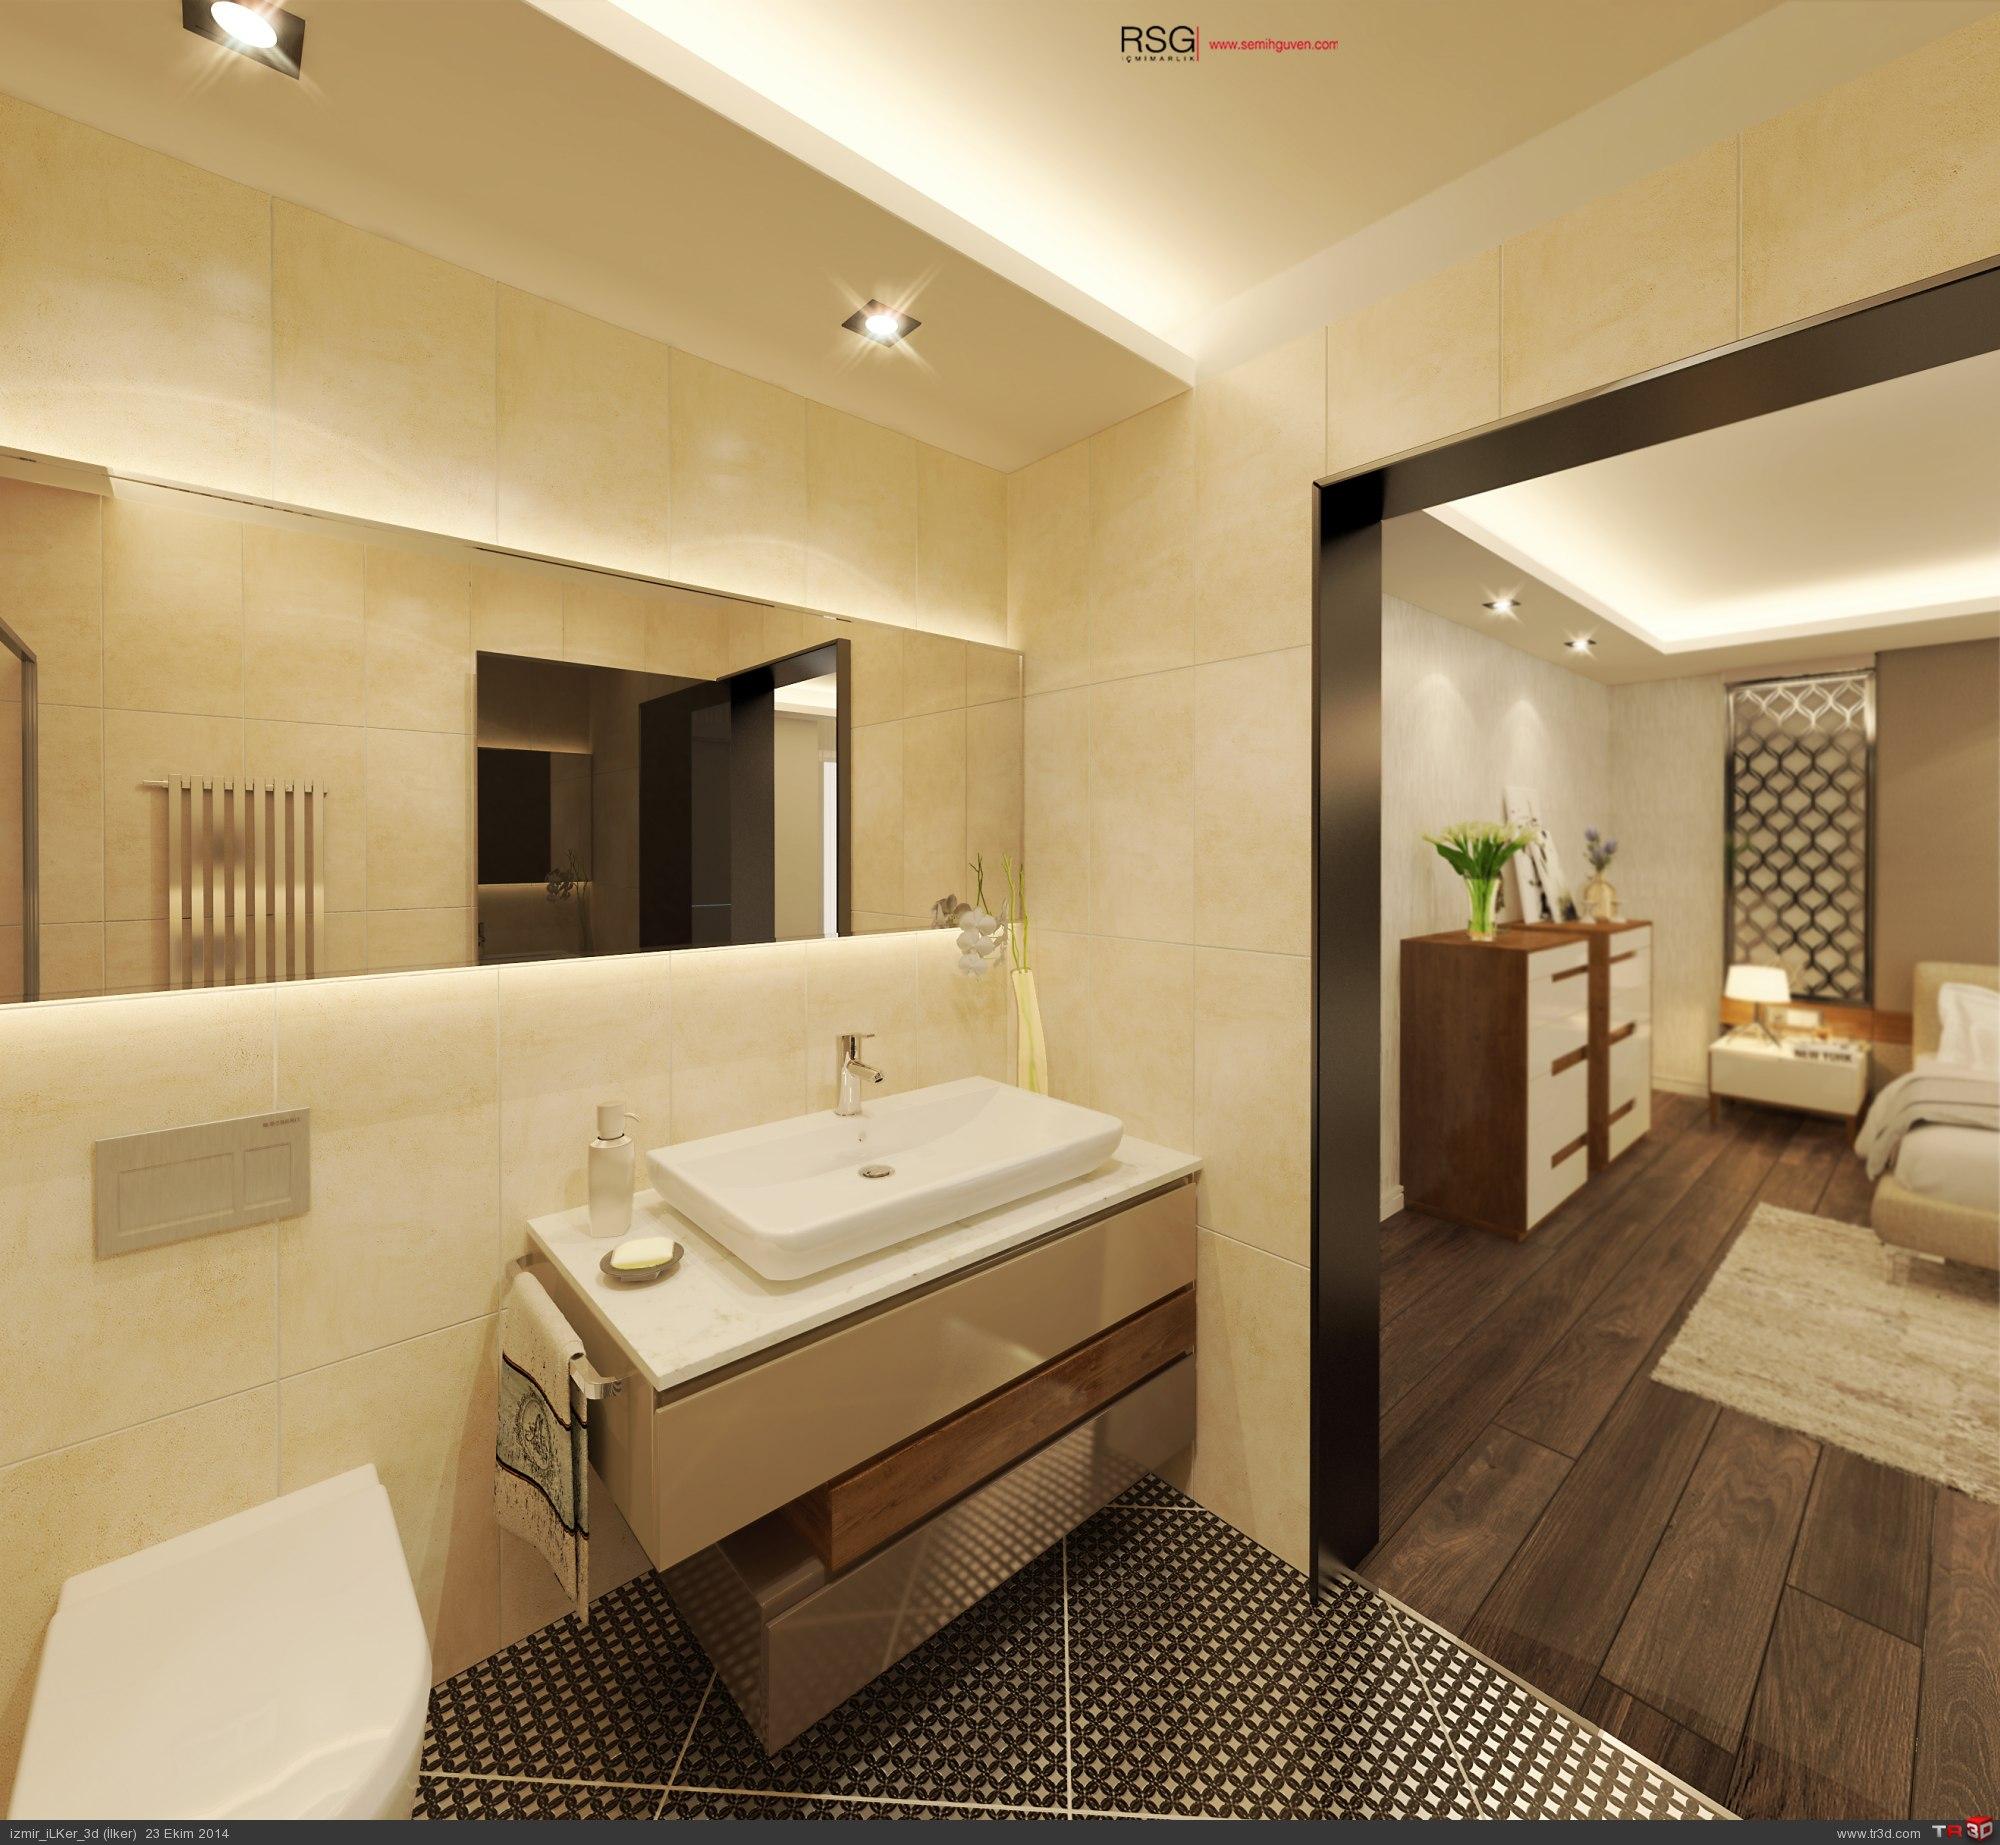 Mutfak & Yatak Odası & Banyo 6